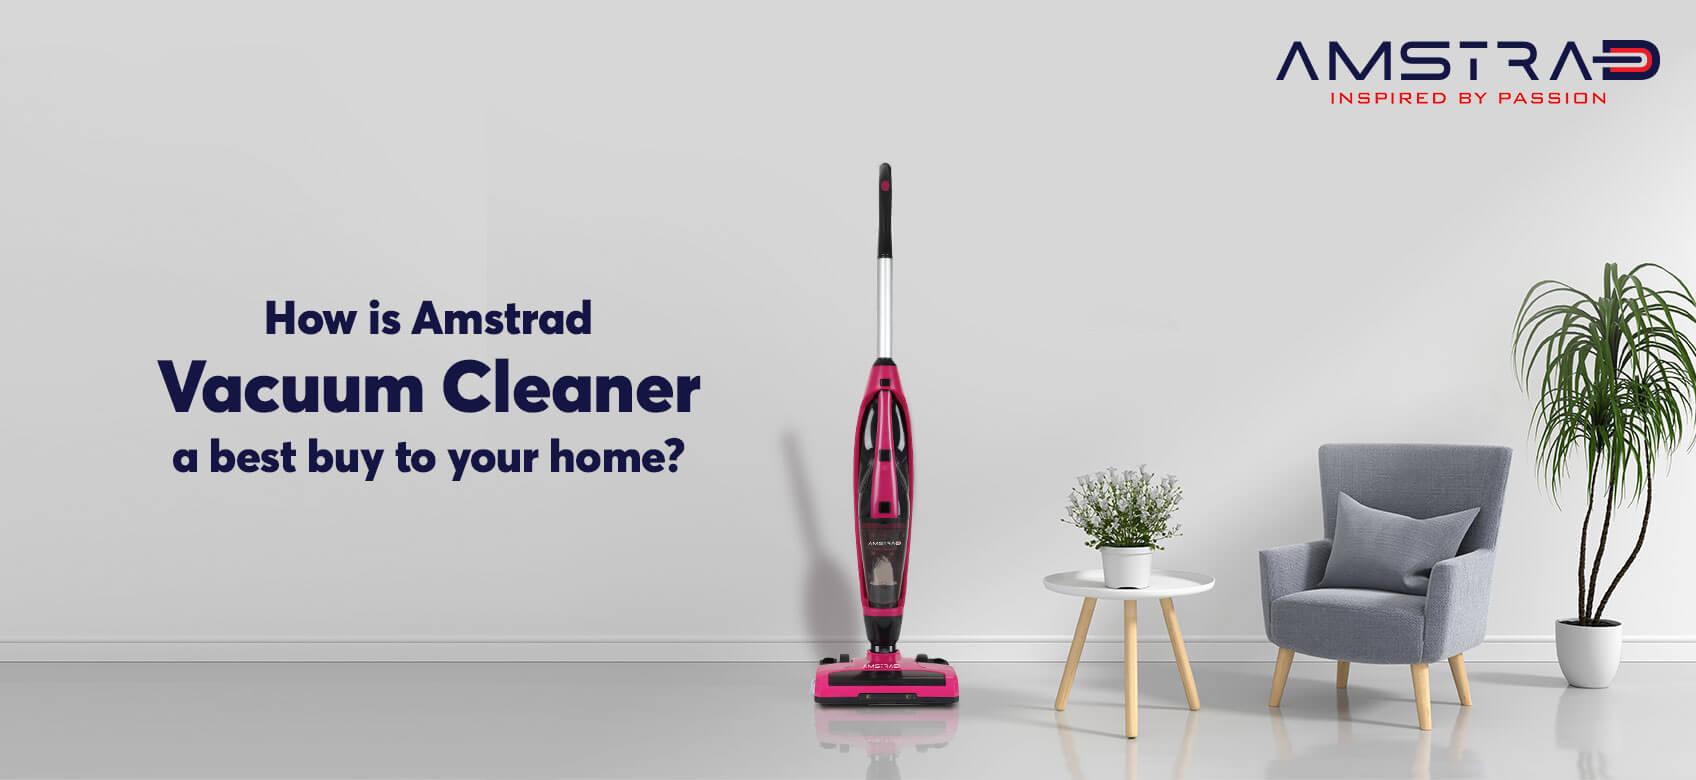 Amstrad 3-in-1 Vacuum Cleaner